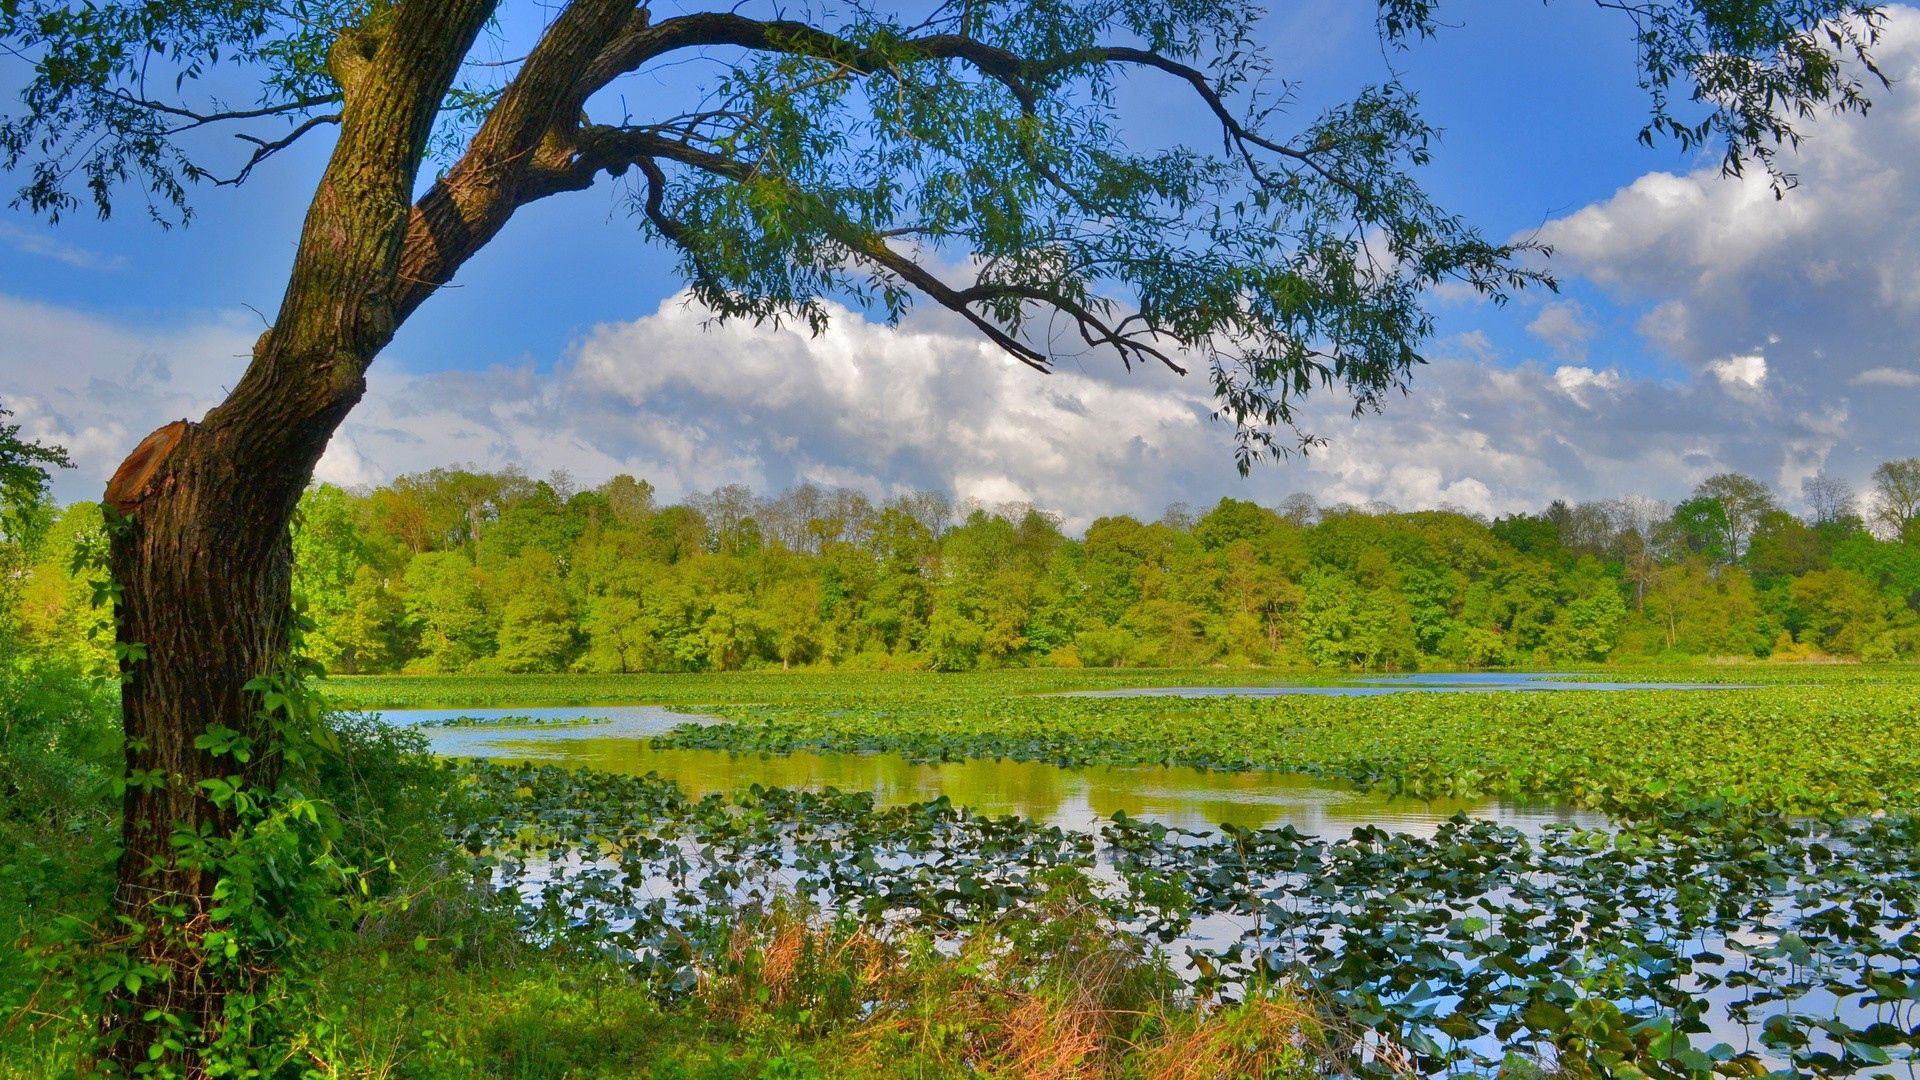 134160 fond d'écran 540x960 sur votre téléphone gratuitement, téléchargez des images Rivières, Nature, Arbres, Herbe, Marais 540x960 sur votre mobile